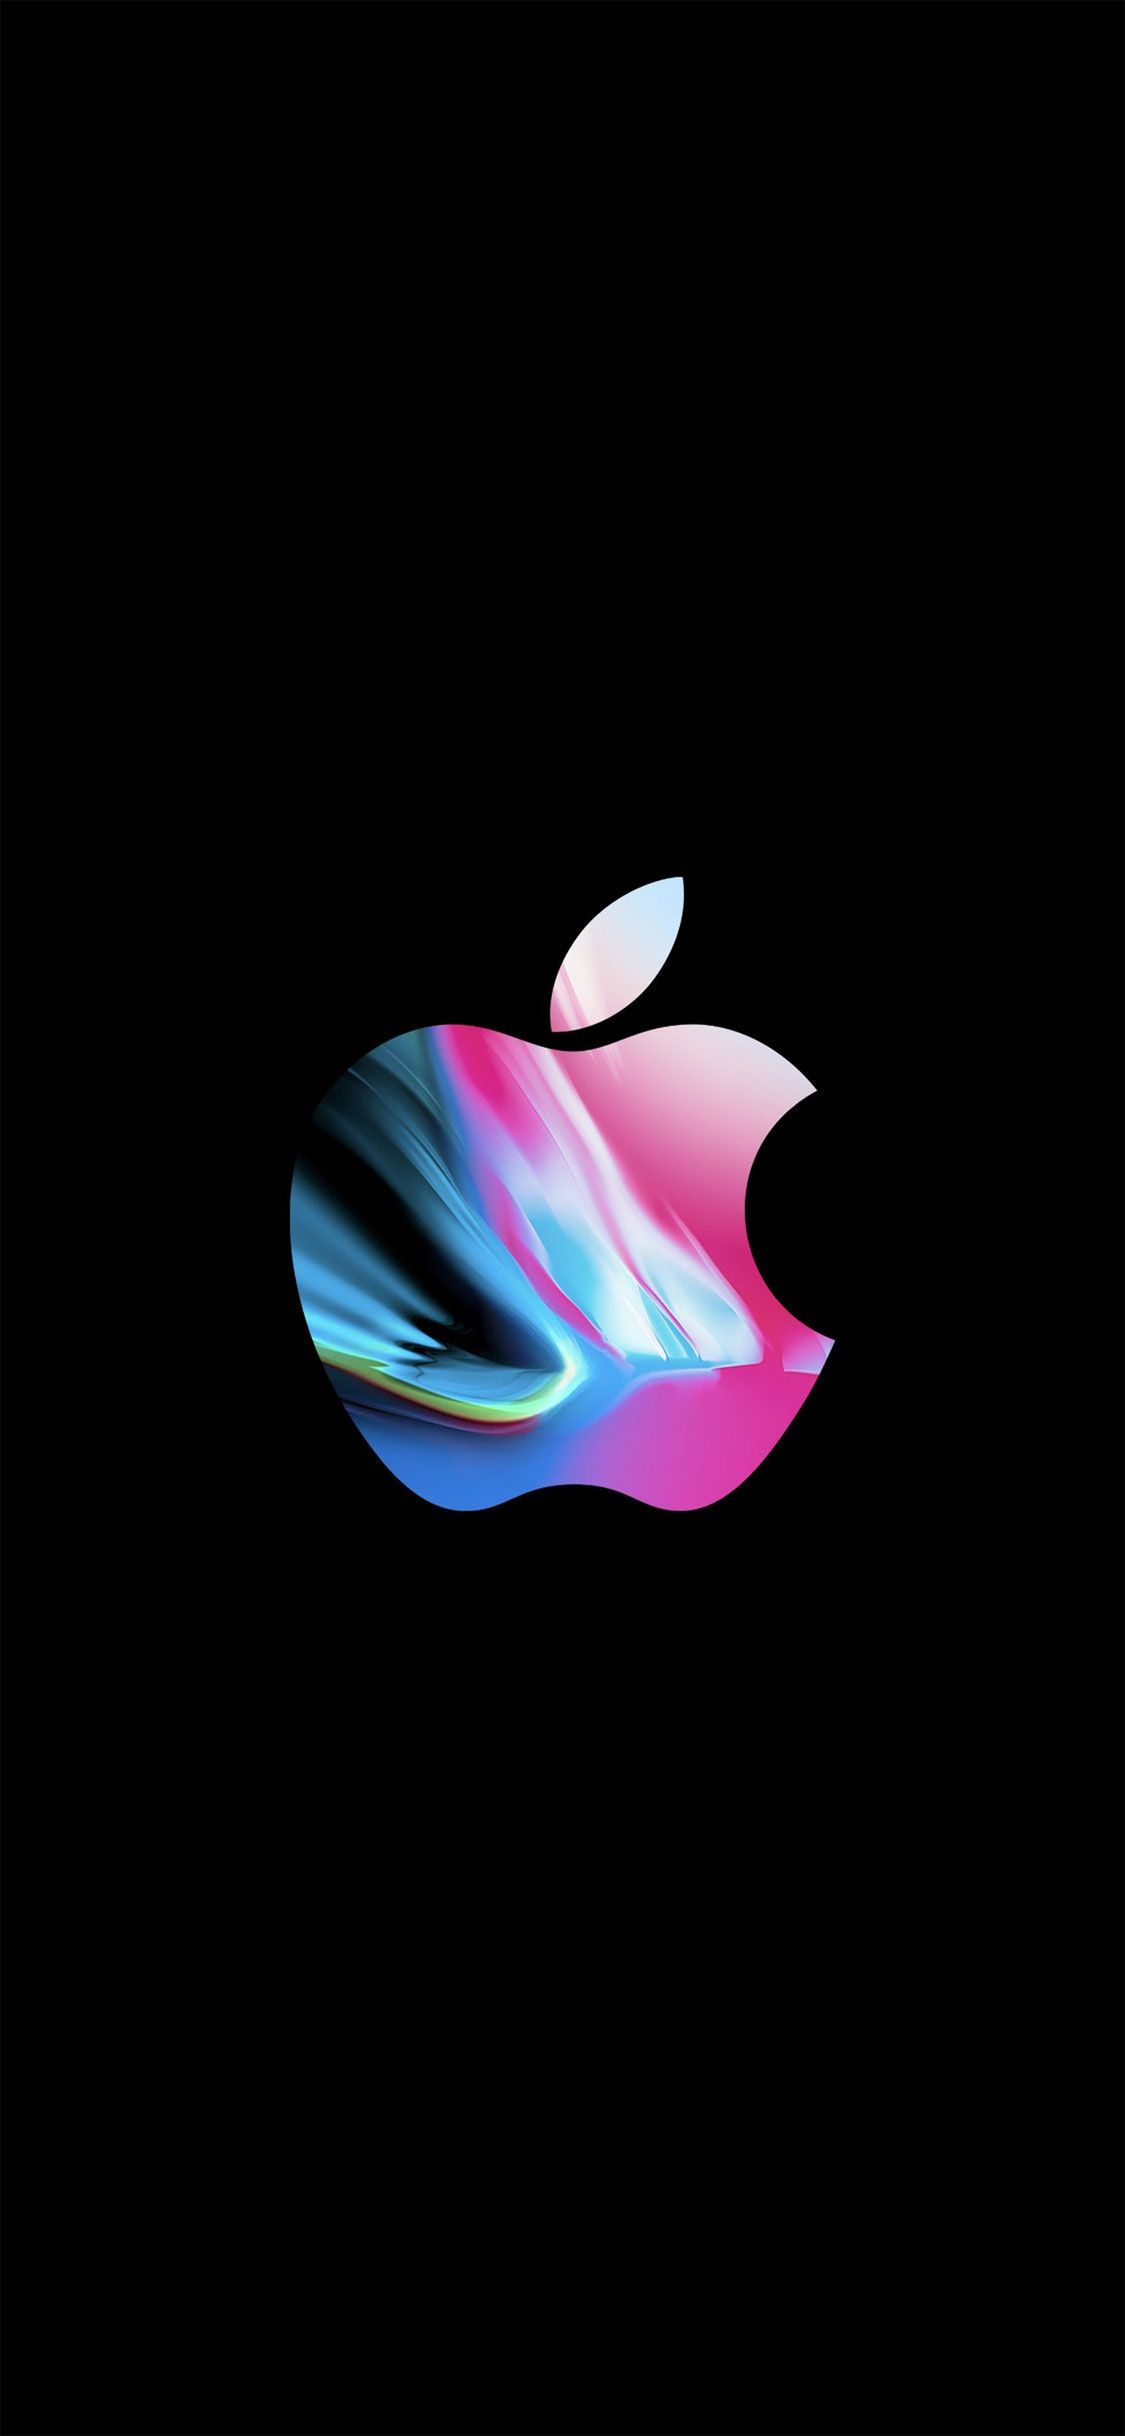 اجمل صور خلفيات الآيفون اكس الأصلية وأحلى خلفية موبايل Apple iPhone X in 2019   صور خلفيات ايفون ...